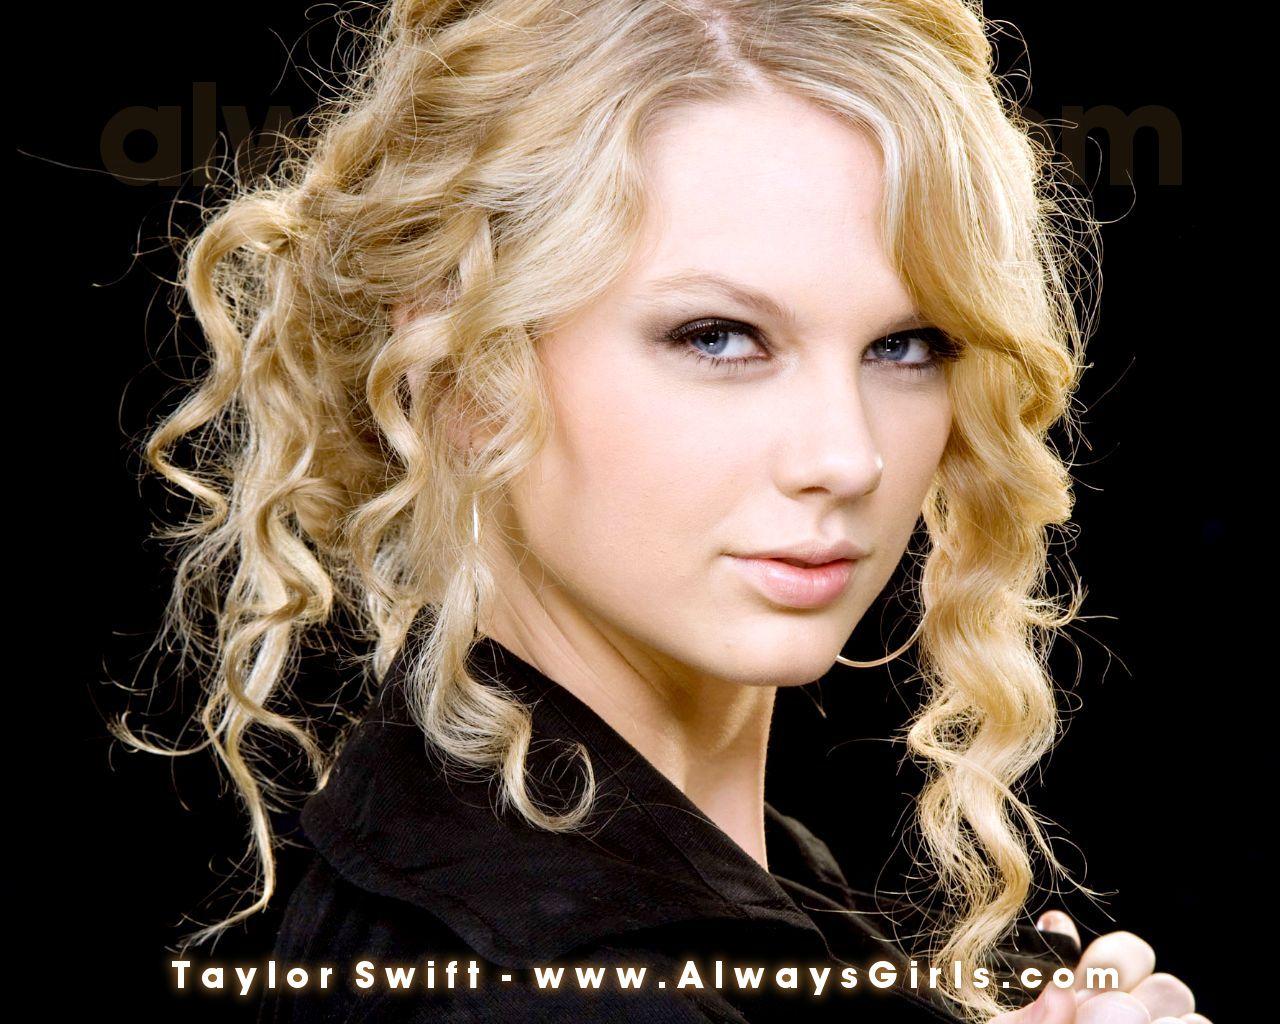 http://3.bp.blogspot.com/-Rw3EU-9J5Vo/TfFbumY0j9I/AAAAAAAAAOc/YOJoU4lsAuI/s1600/taylor_swift-1.jpg